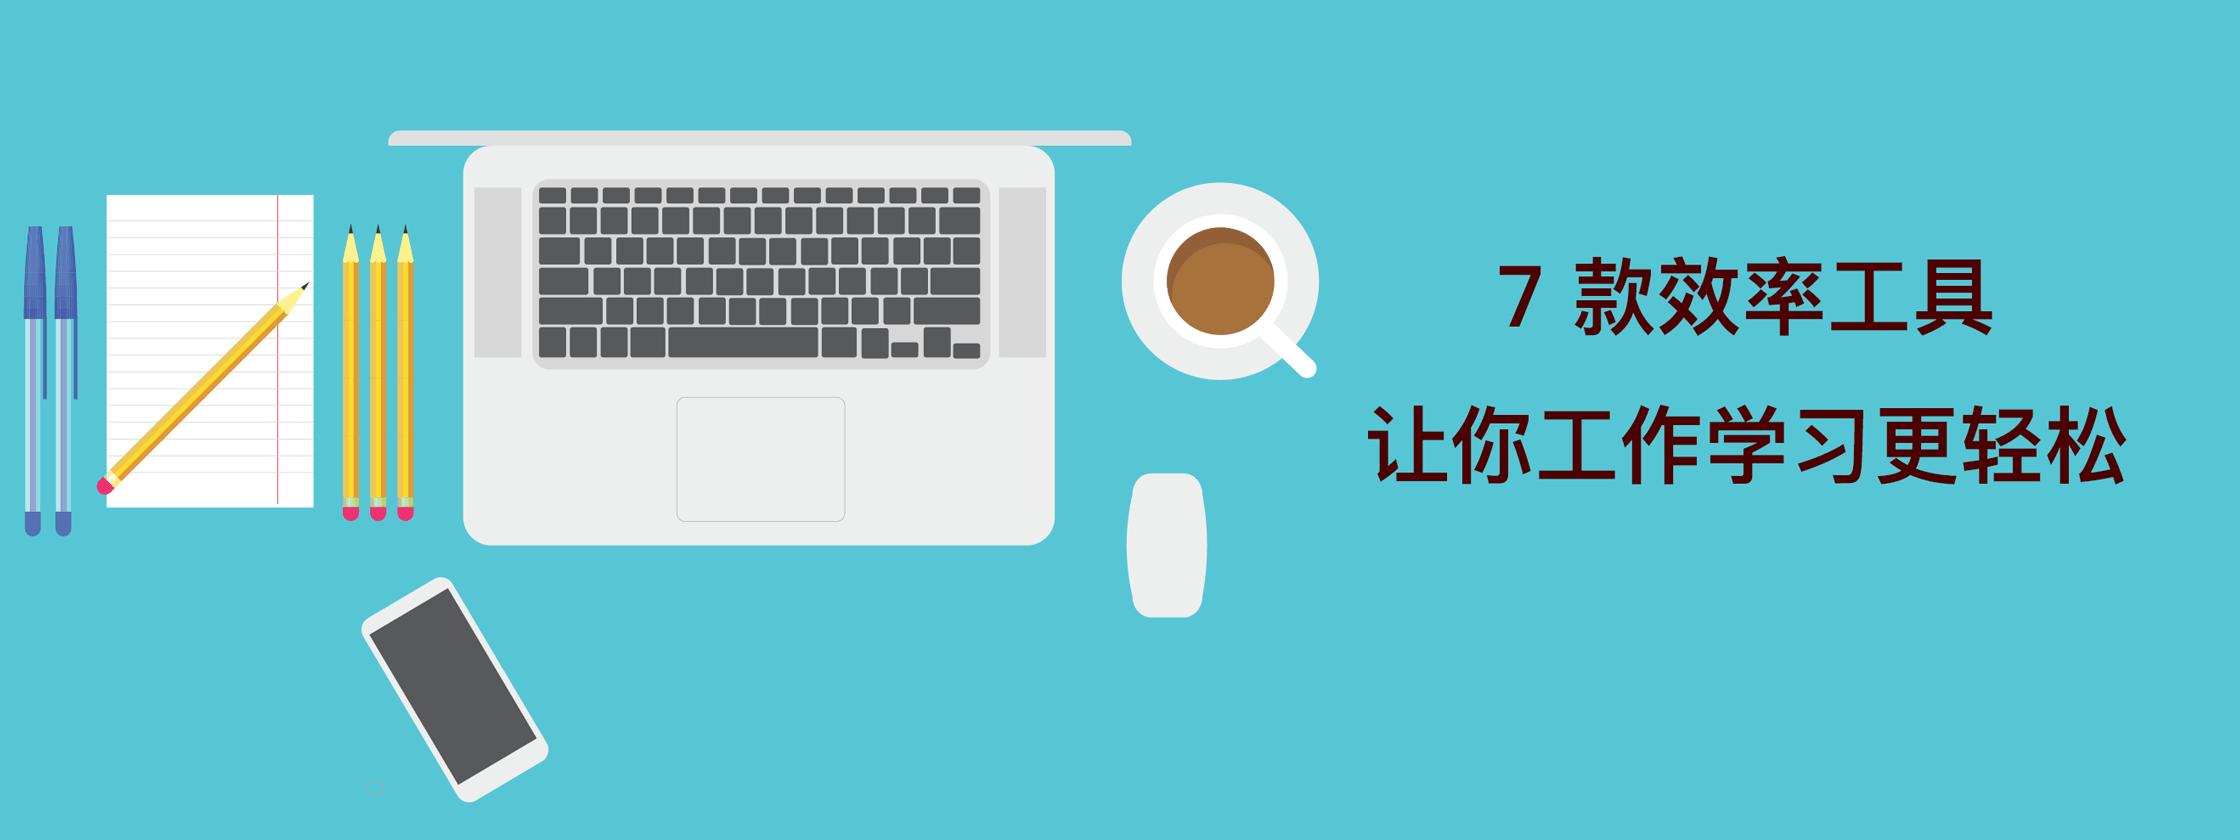 7 款效率工具,让你工作学习更轻松